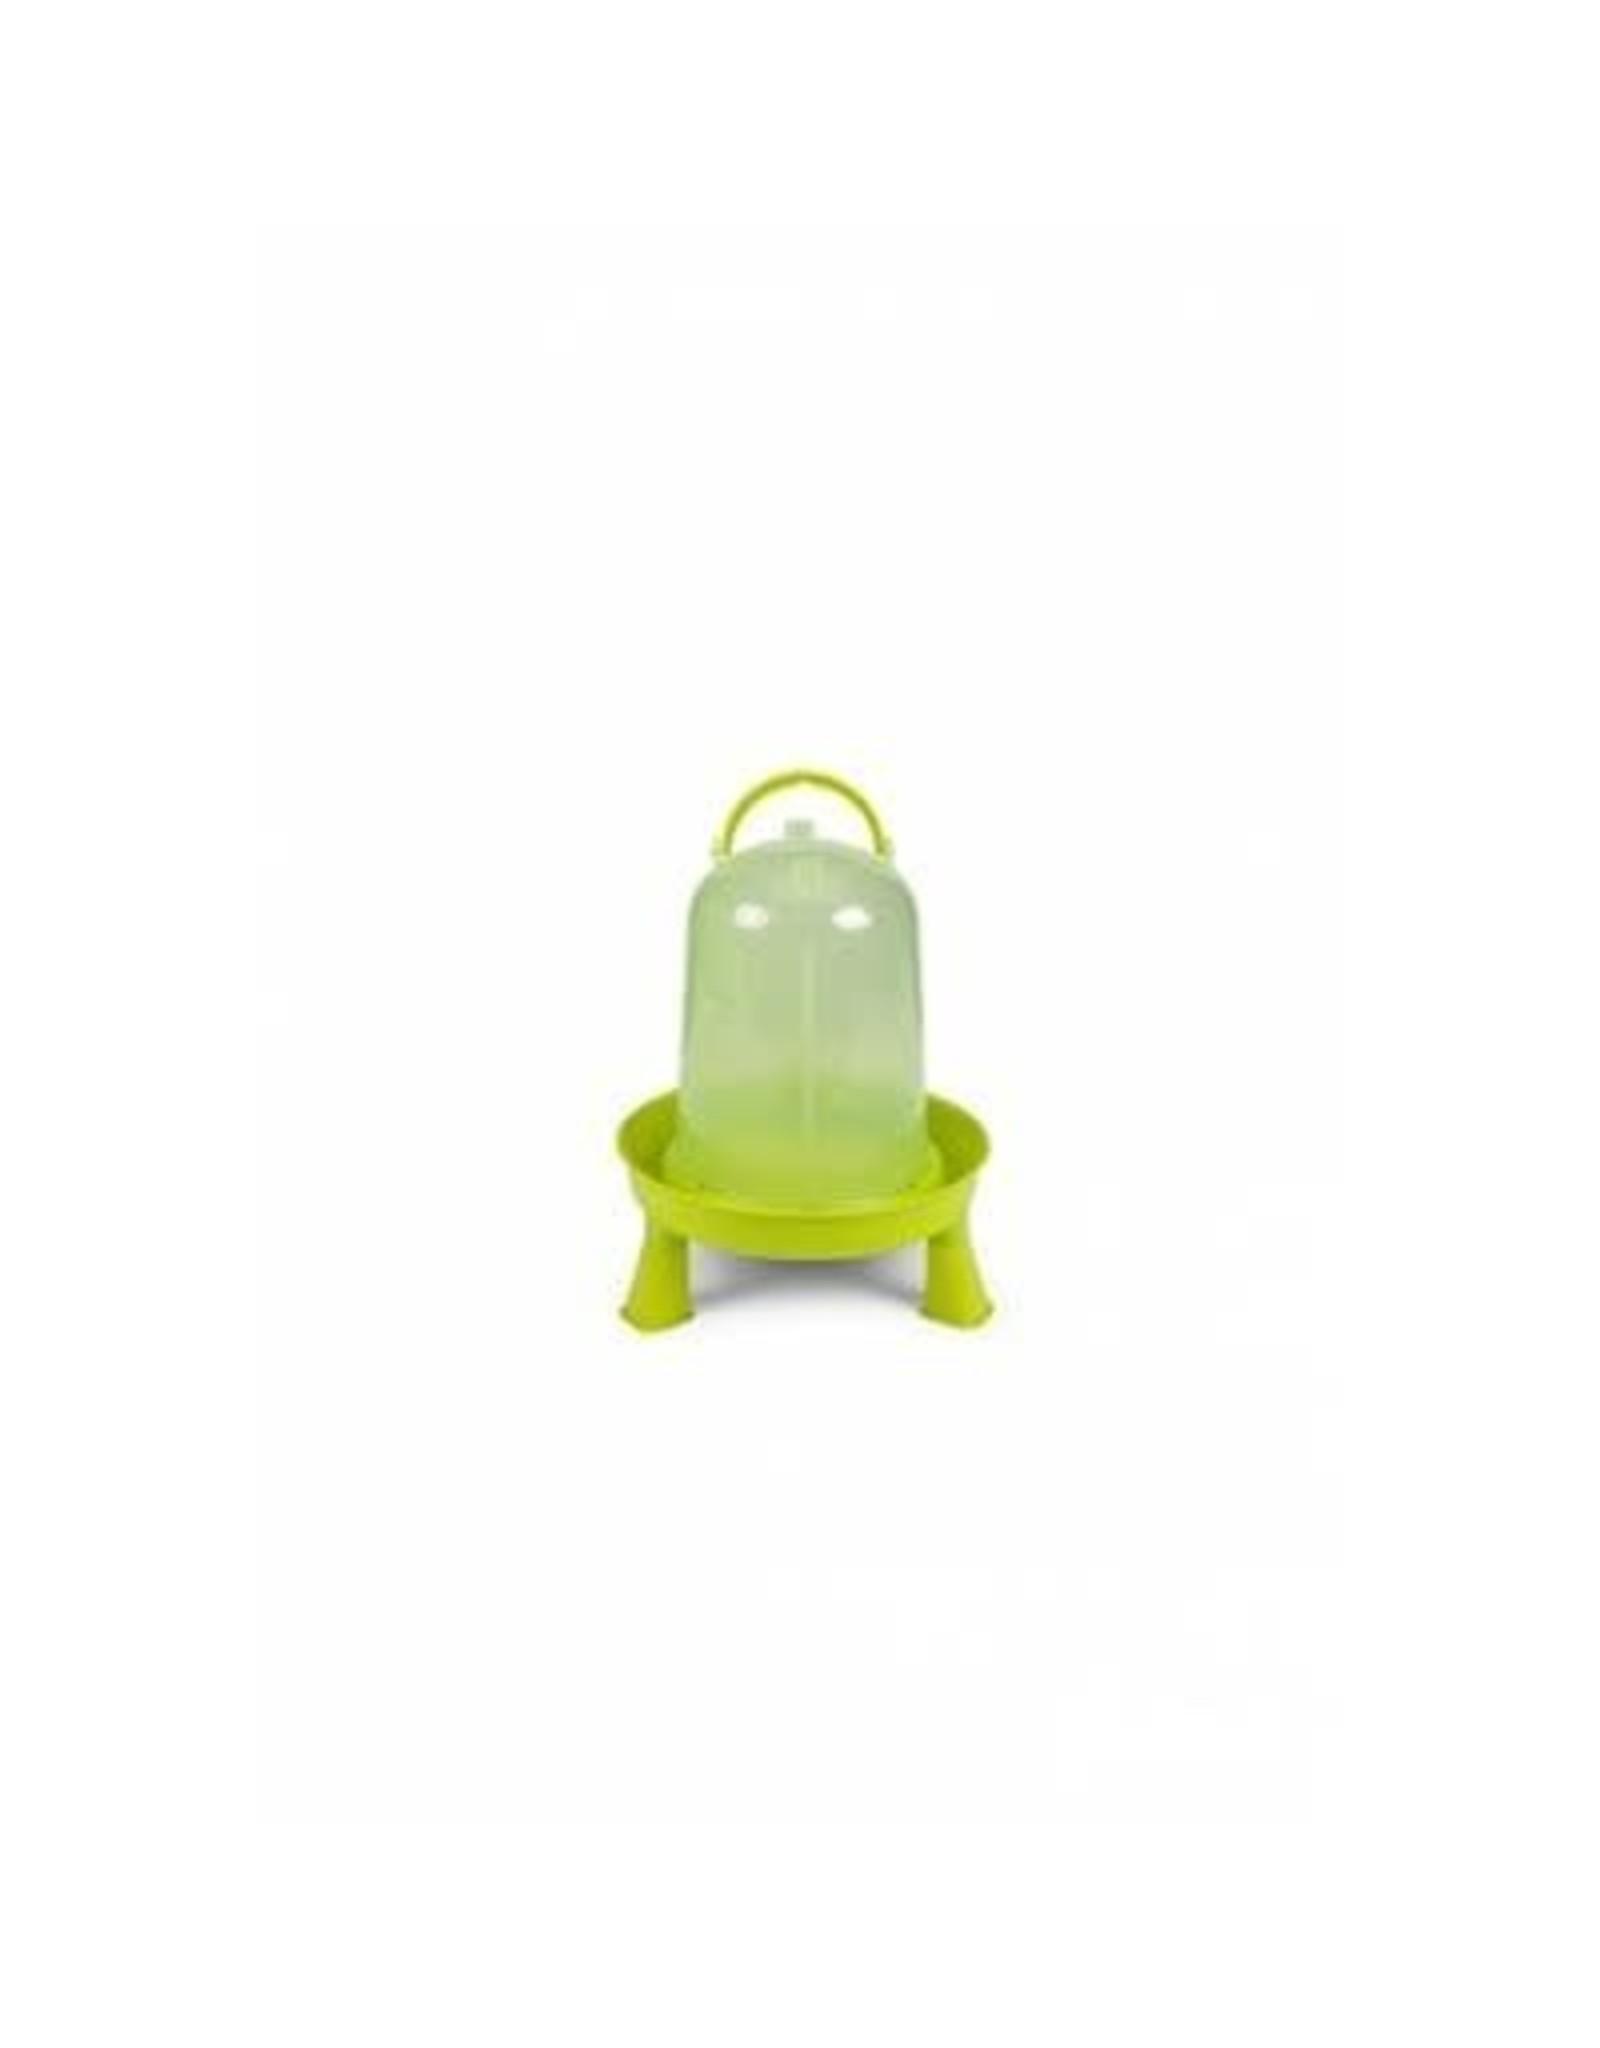 Gaun Abreuvoir a volailles avec pieds, Eco, 10 L, vert lime